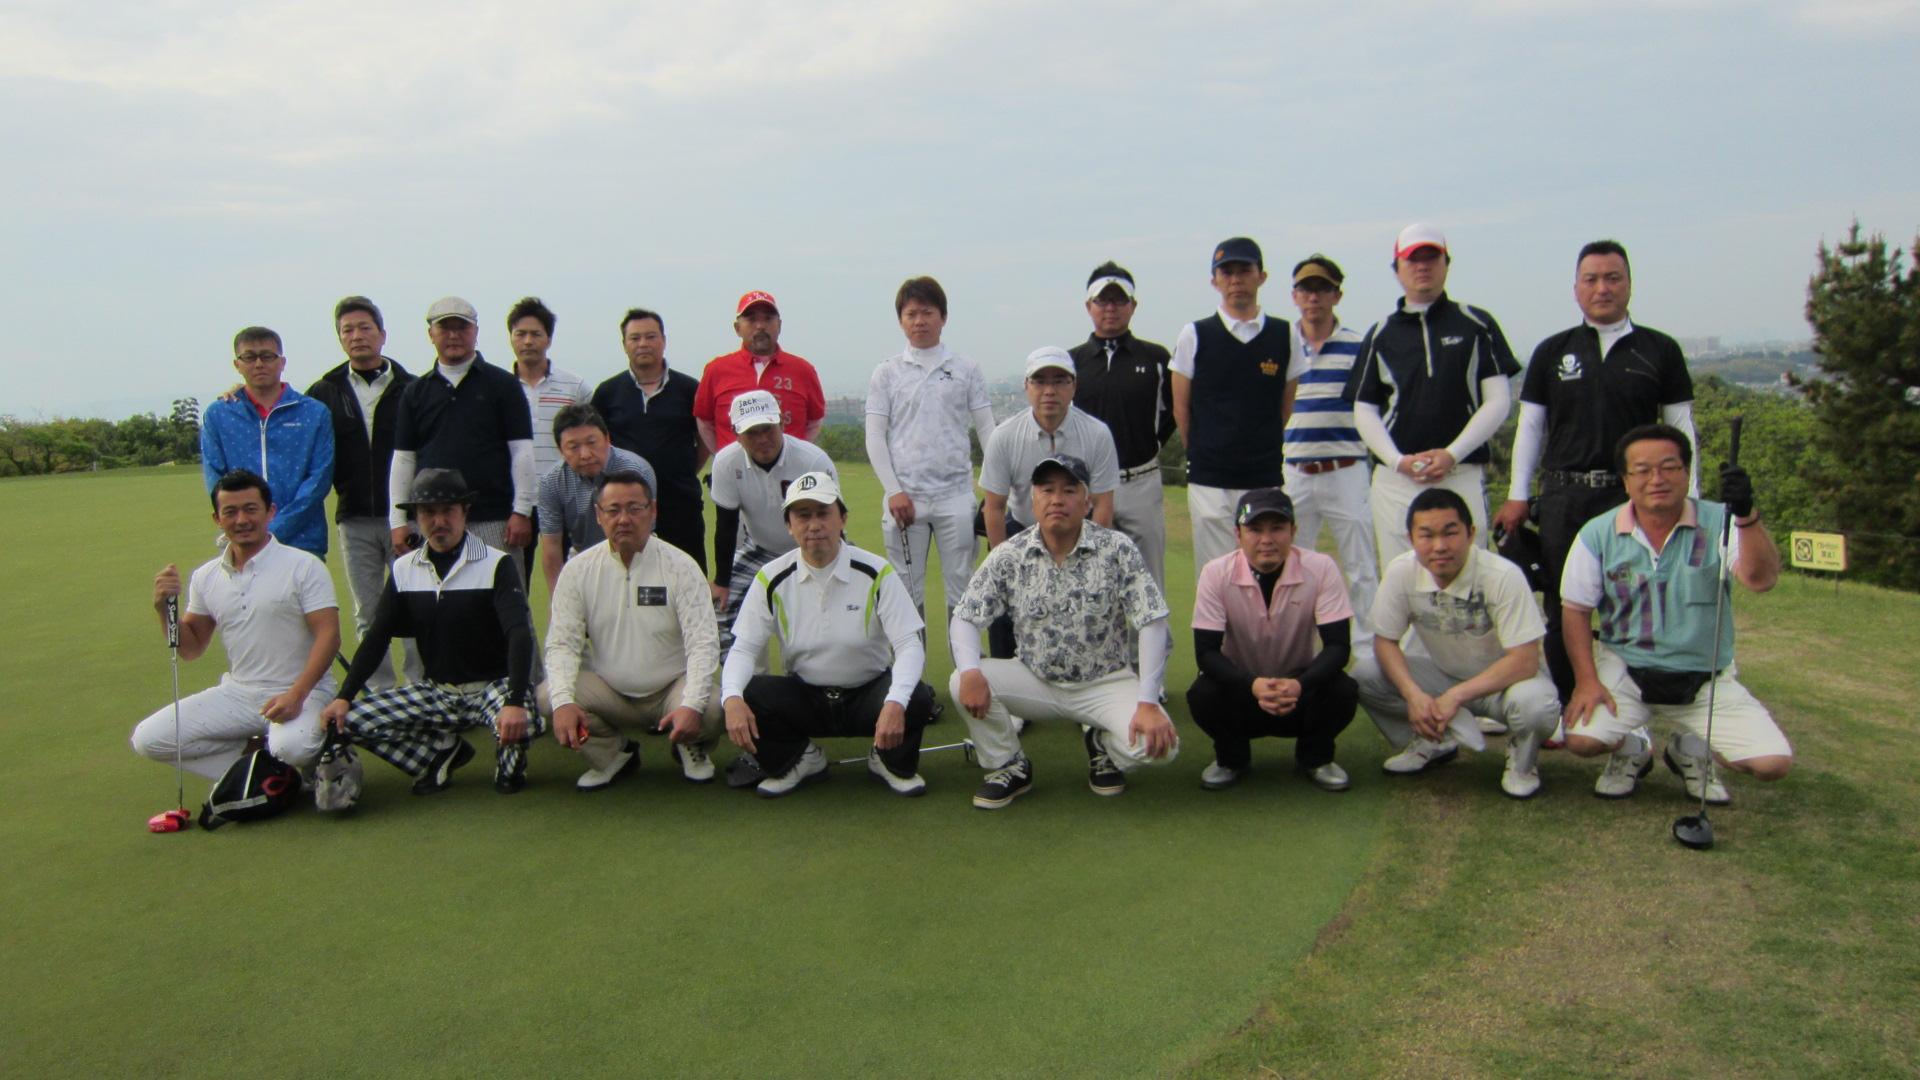 第9回大阪建物解体工事業協同組合ゴルフコンペ (1)